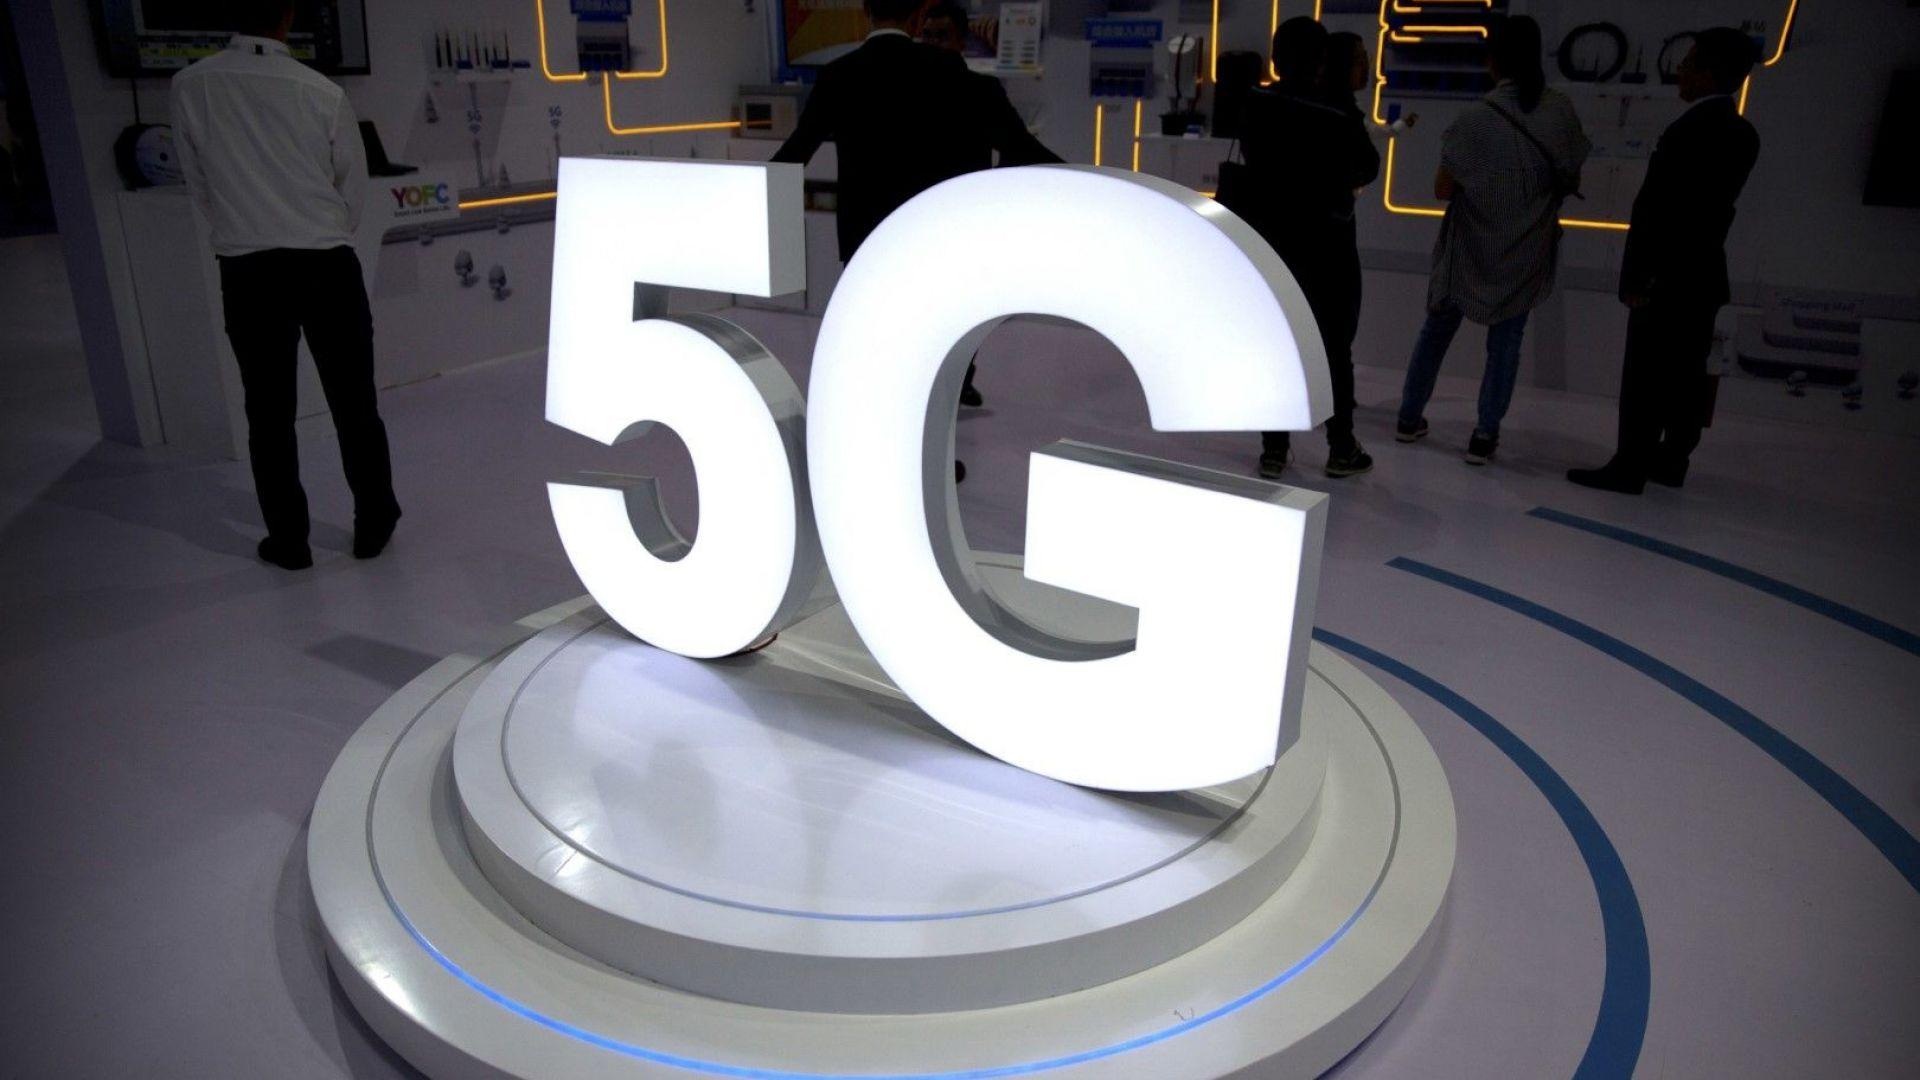 5G може да революционизира транспортния сектор, както и широк спектър от производства